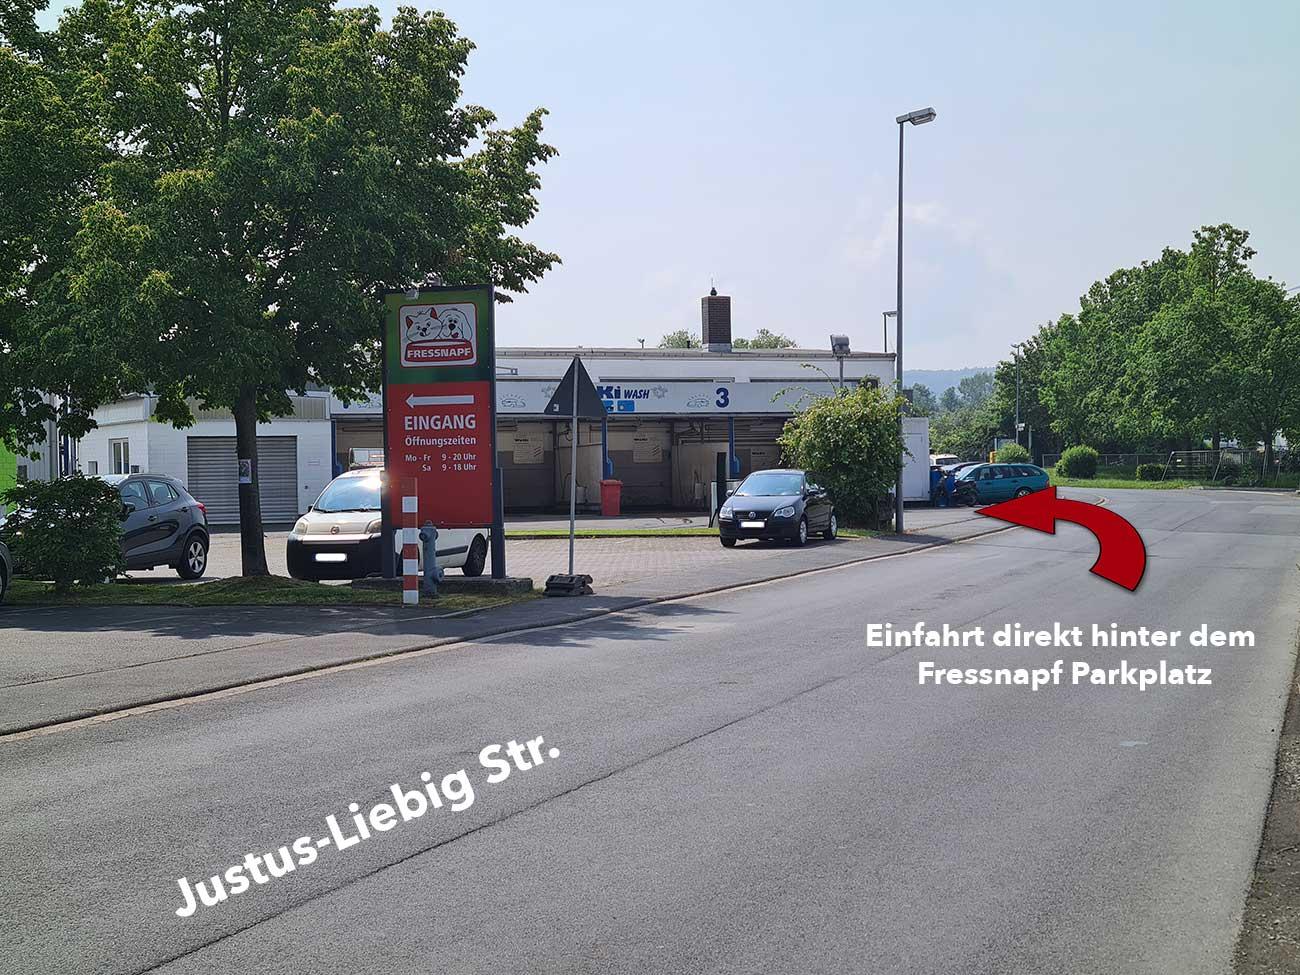 Zufahrt zur Werkstatt-Beulendoktor Kassel- Die Fahrzeug-Ambulanz